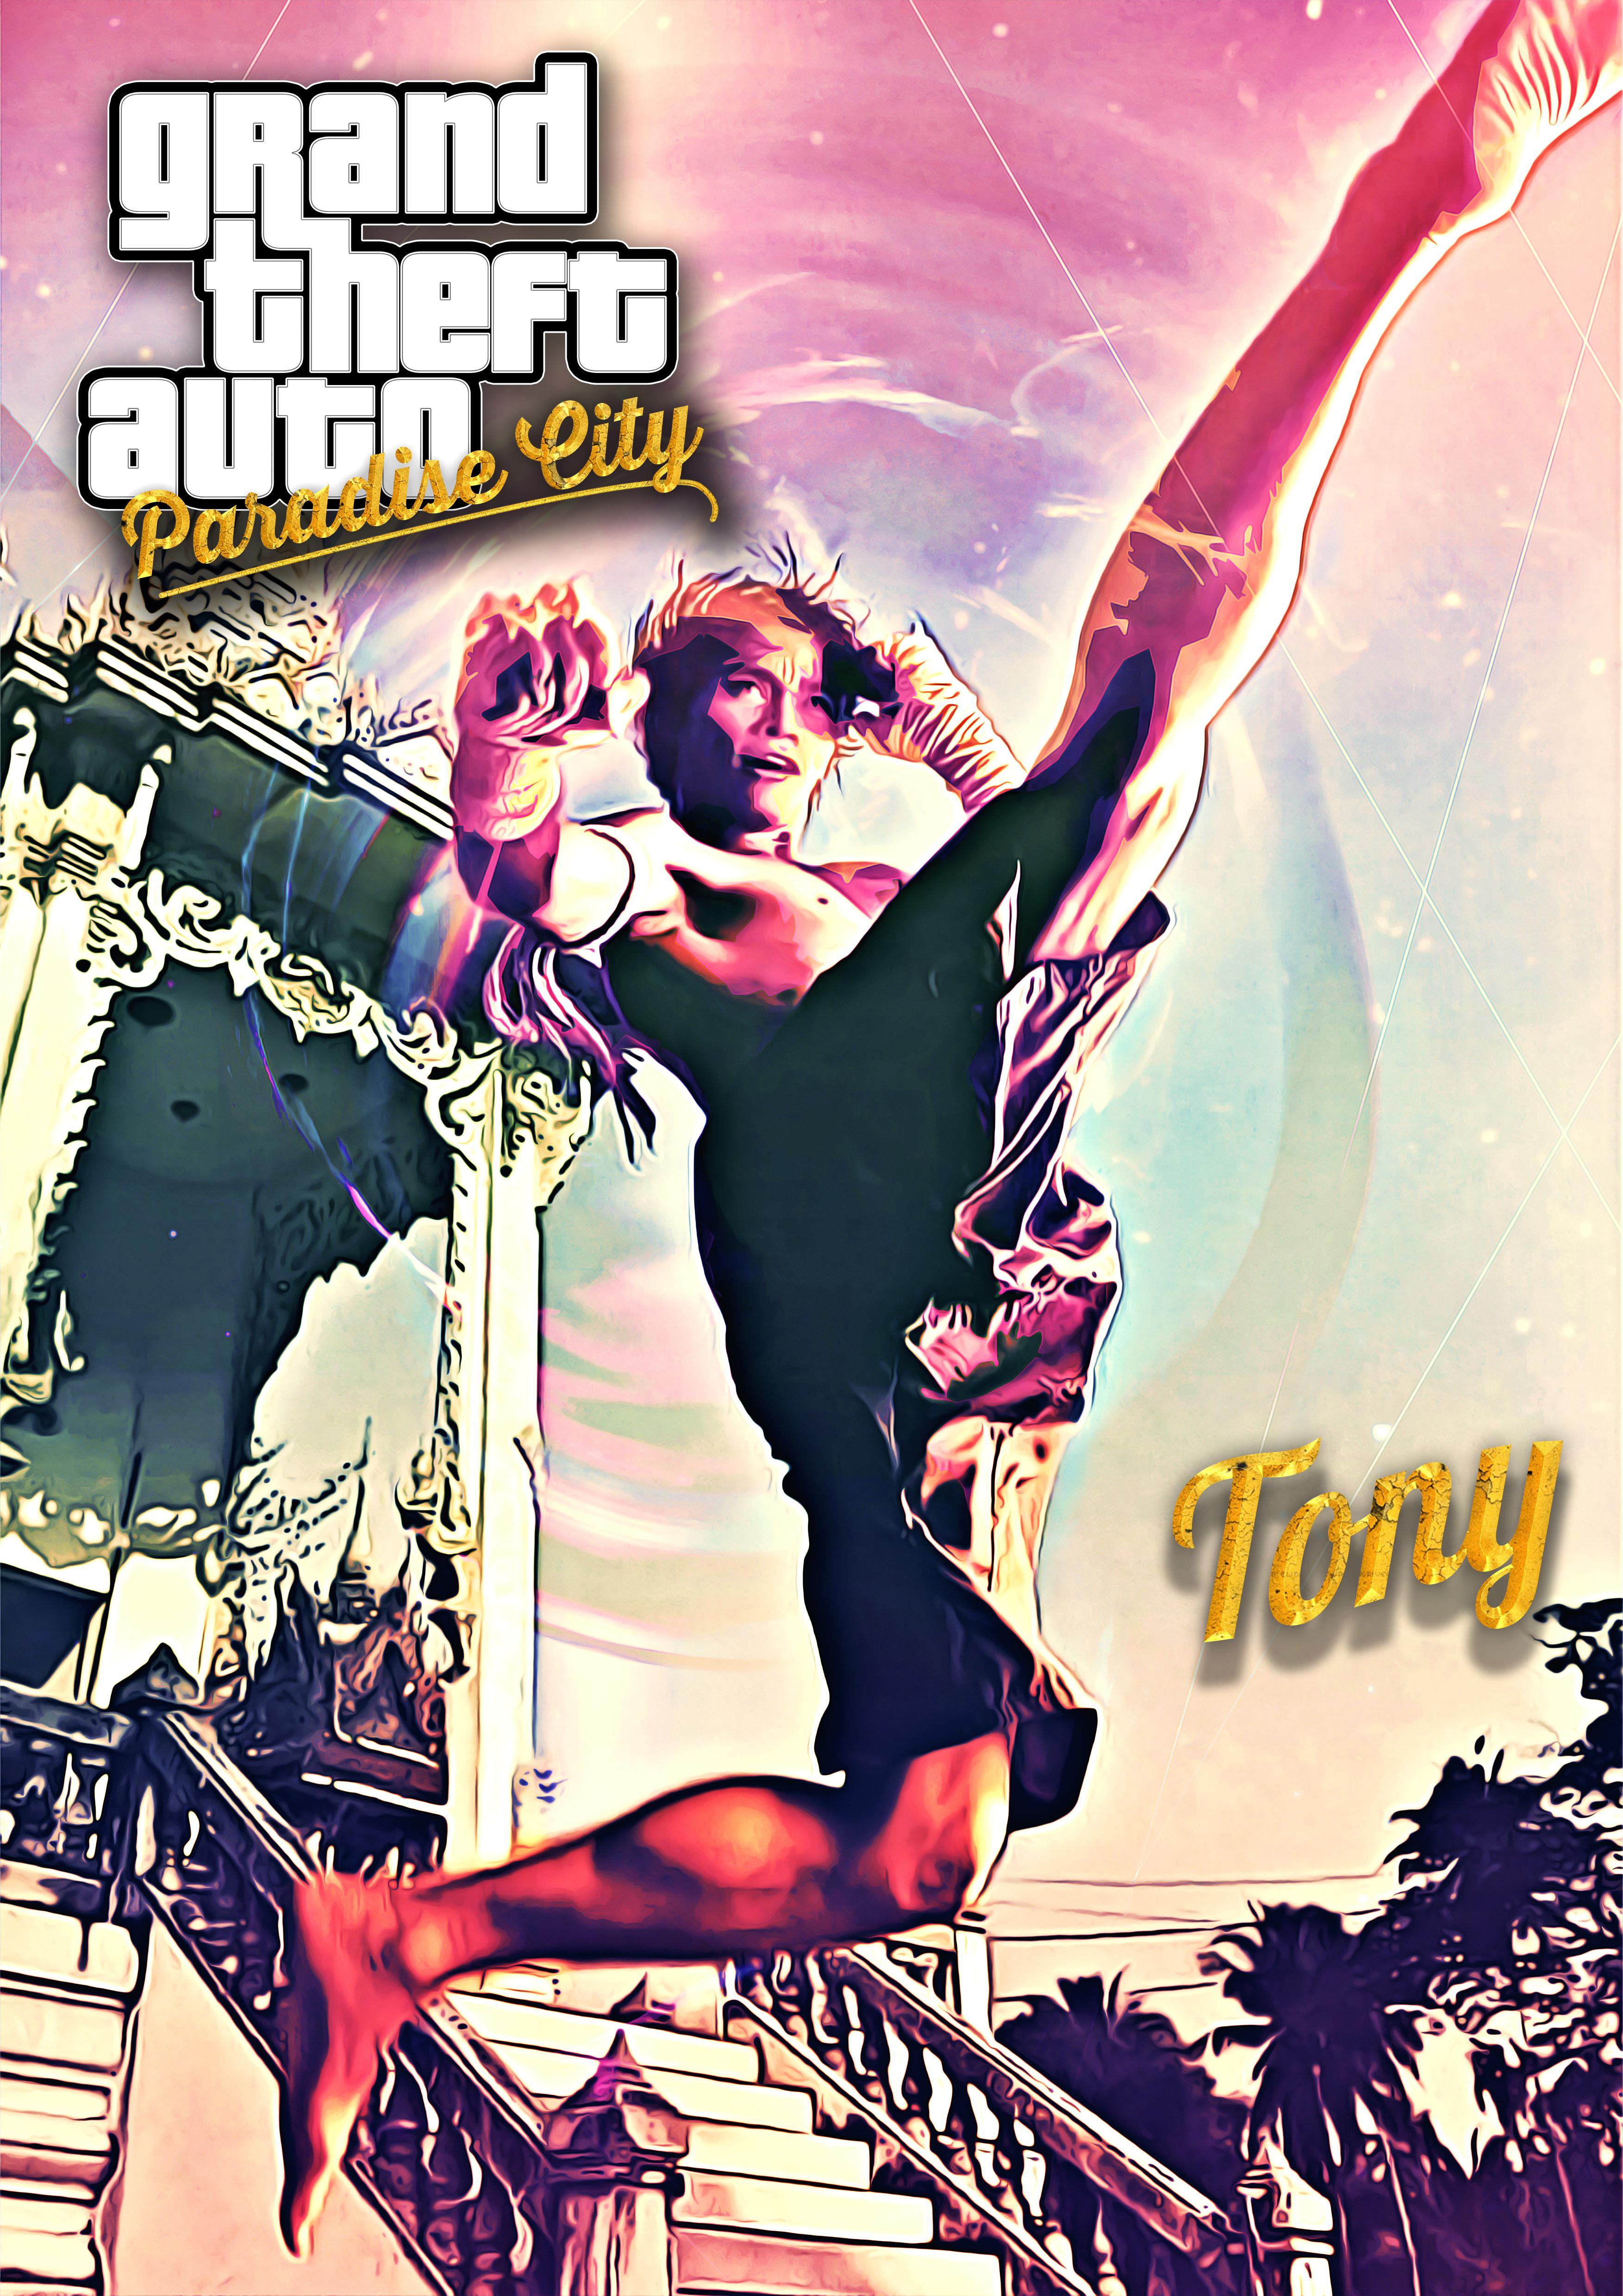 GTA_Tony